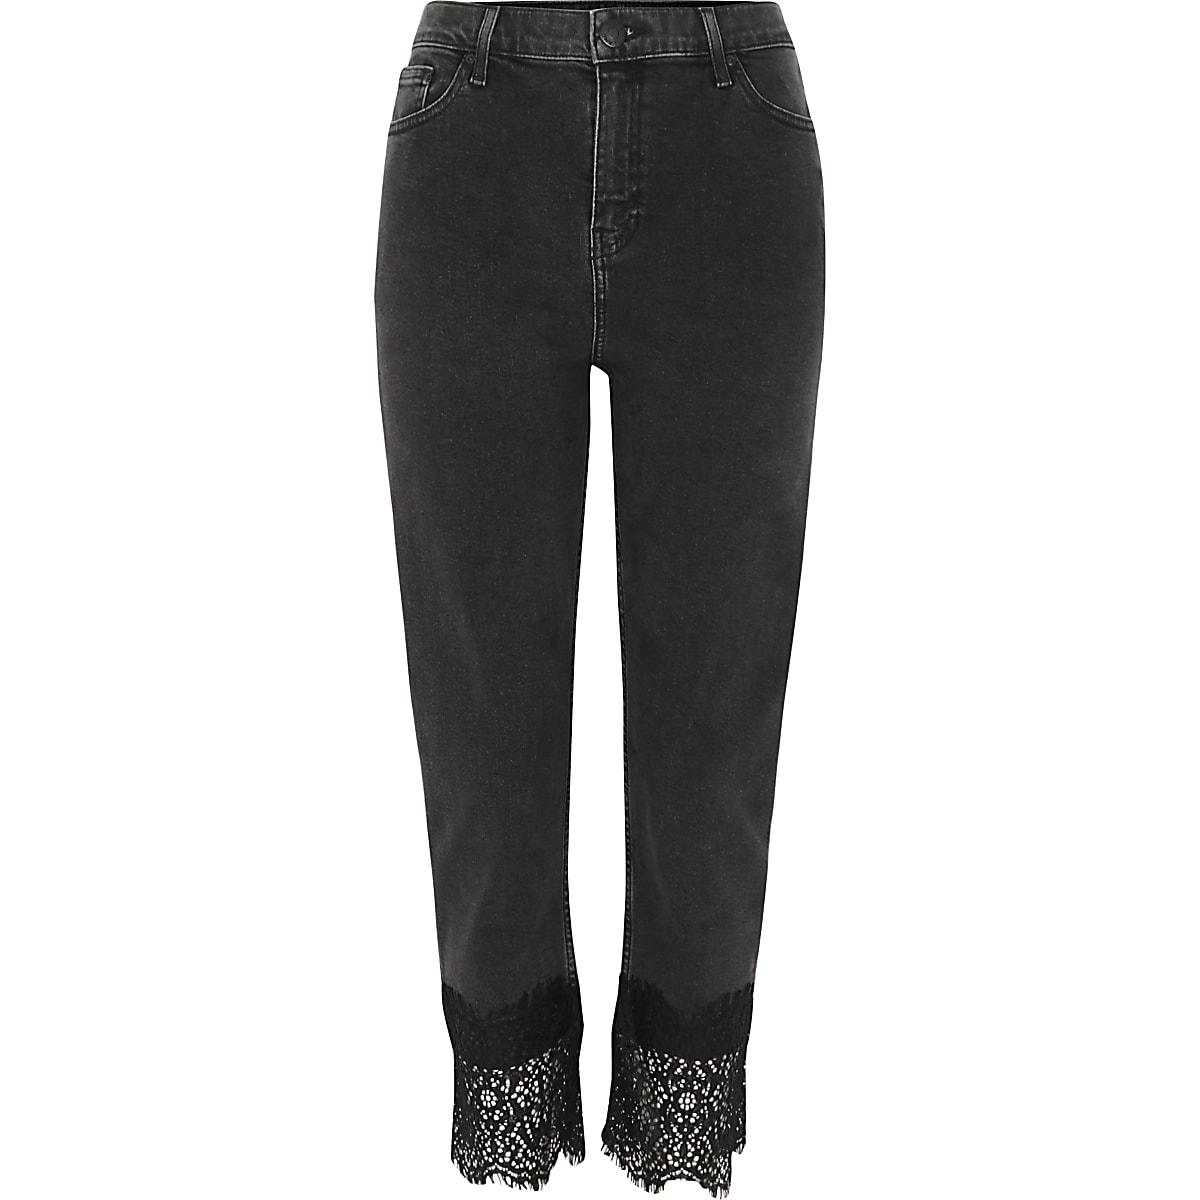 Zwarte Bella jeans met rechte pijpen met kant aan de zoom